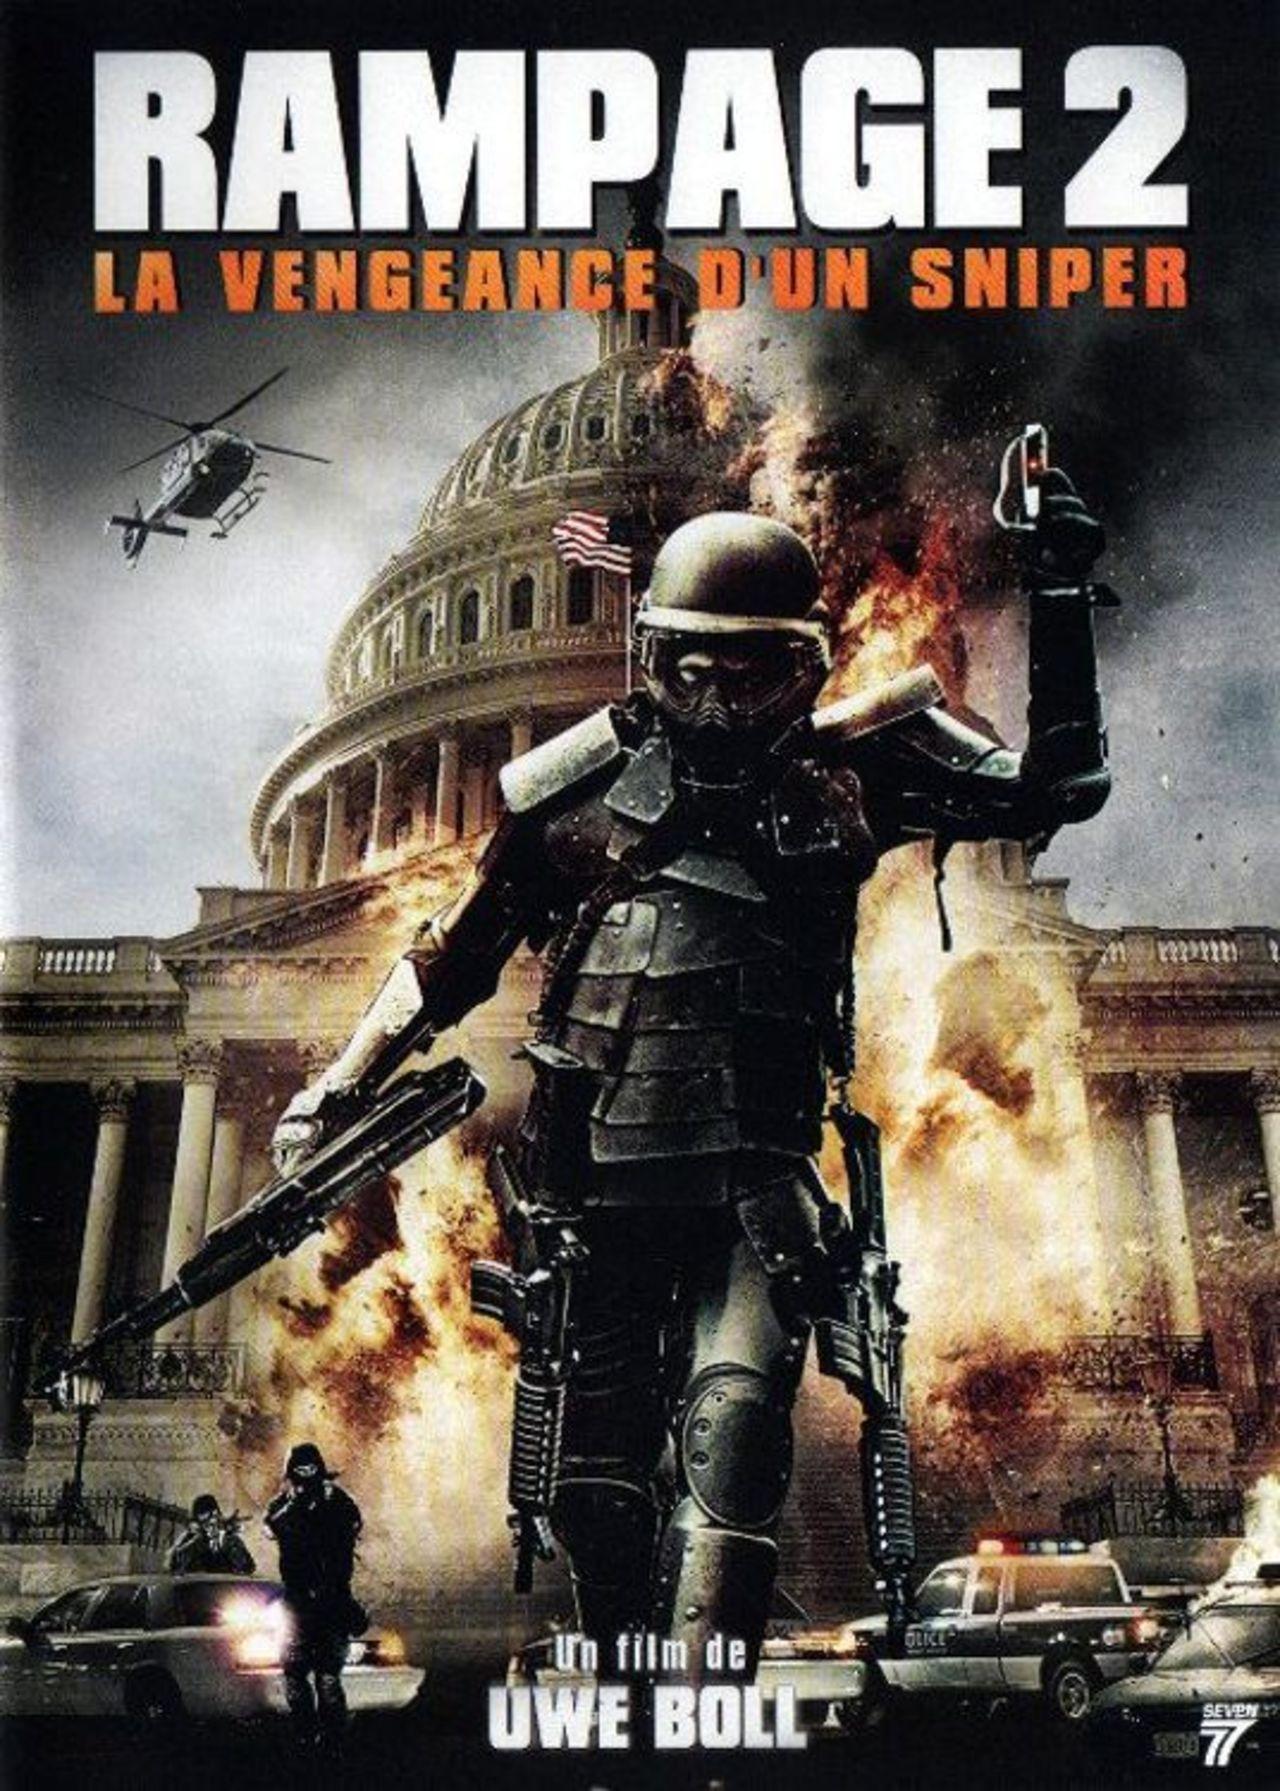 ดูหนัง Rampage 2 Capital Punishment (2014) คนโหดล้างเมืองโฉด 2